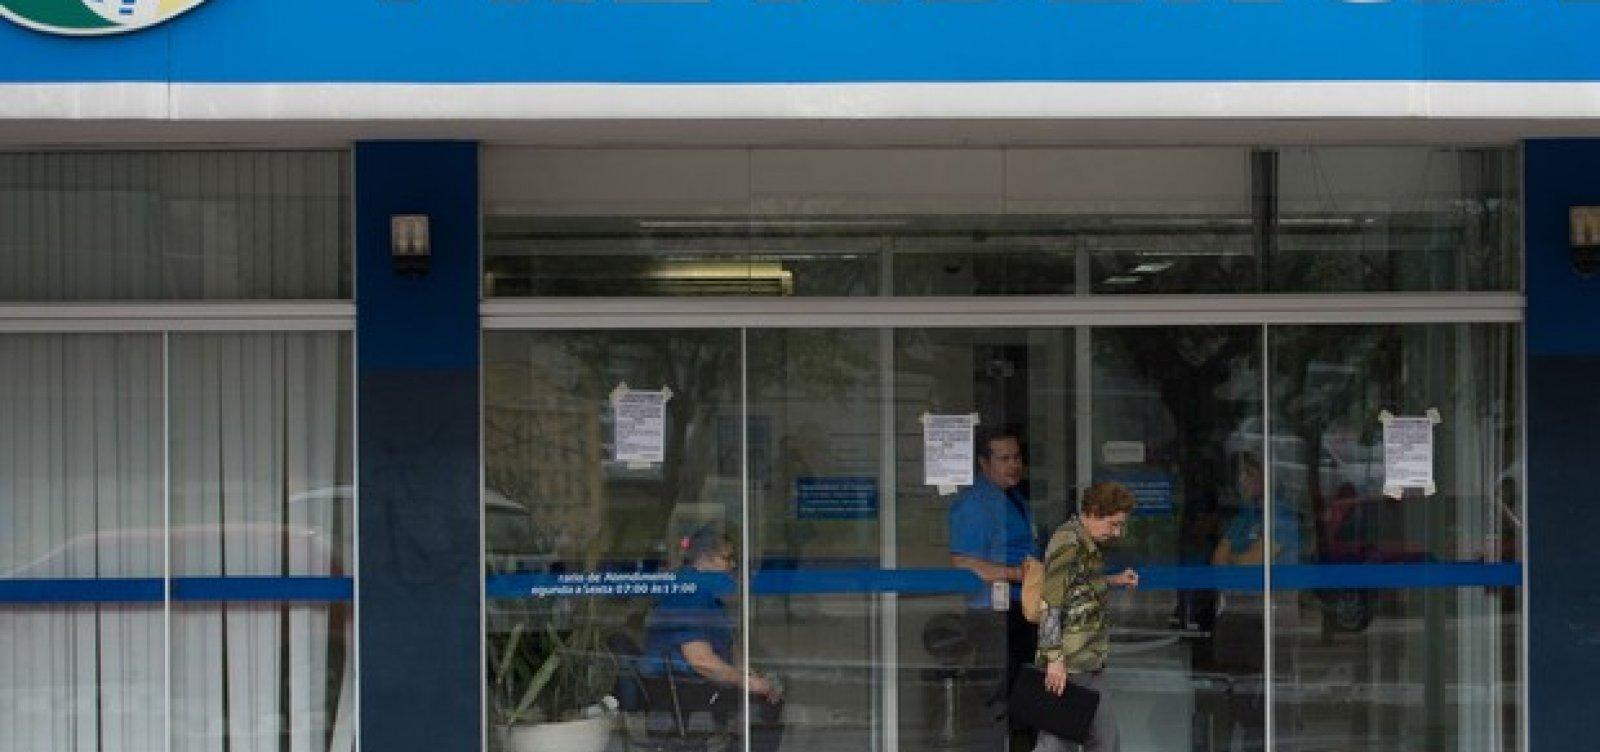 Governo libera quase R$ 1 bilhão em emendas às vésperas da discussão da reforma